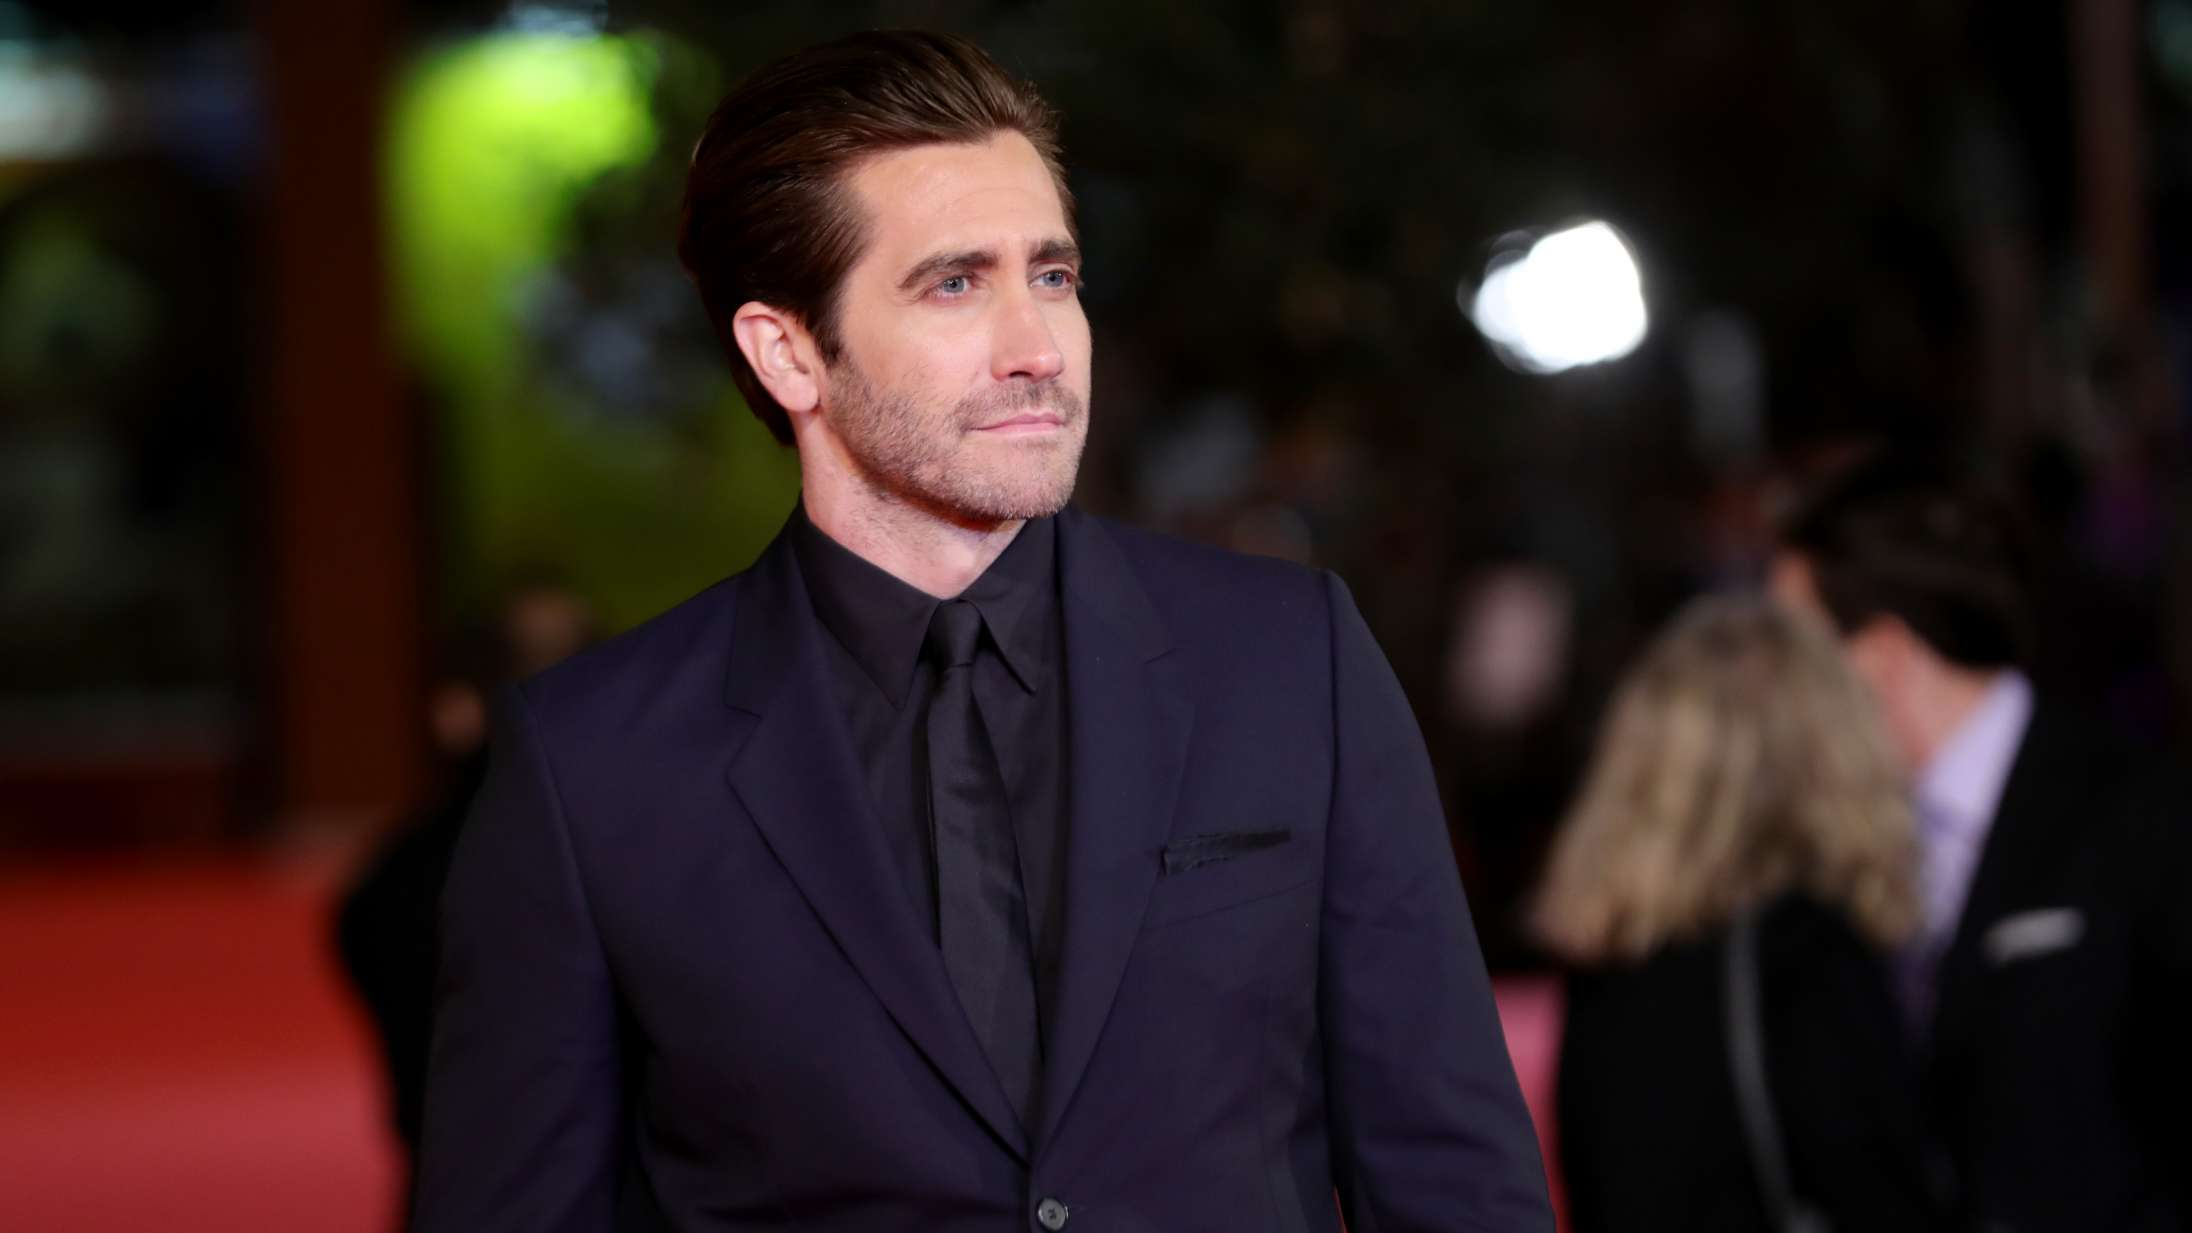 Michael Bay remaker danske 'Ambulancen' –Jake Gyllenhaal rygtes til hovedrollen